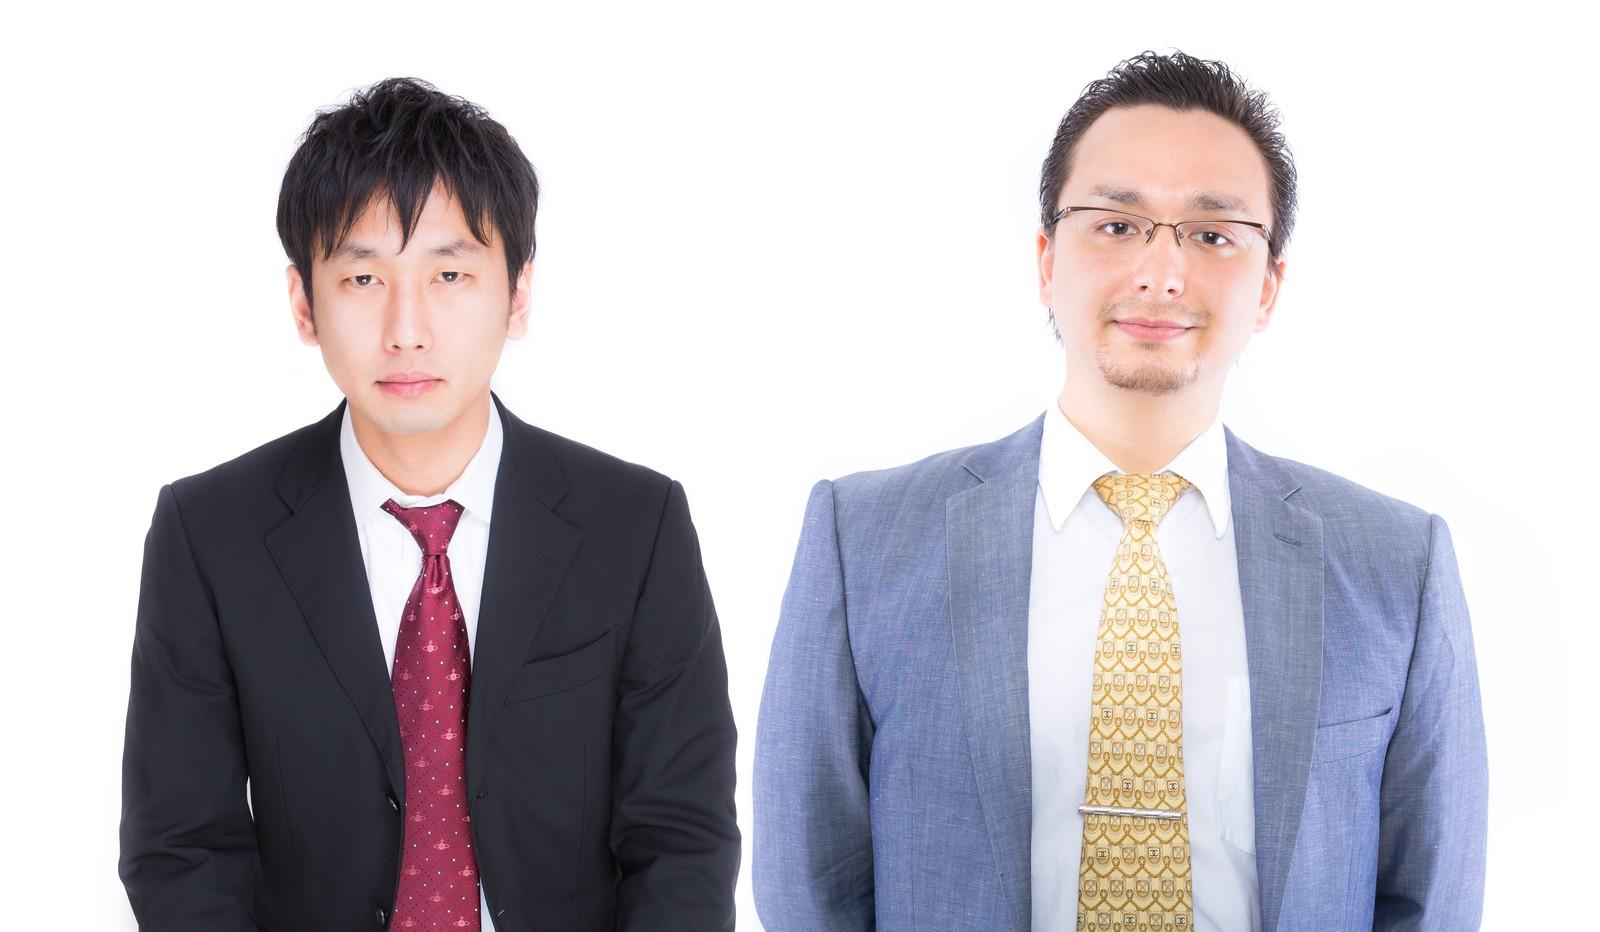 新入社員の画像